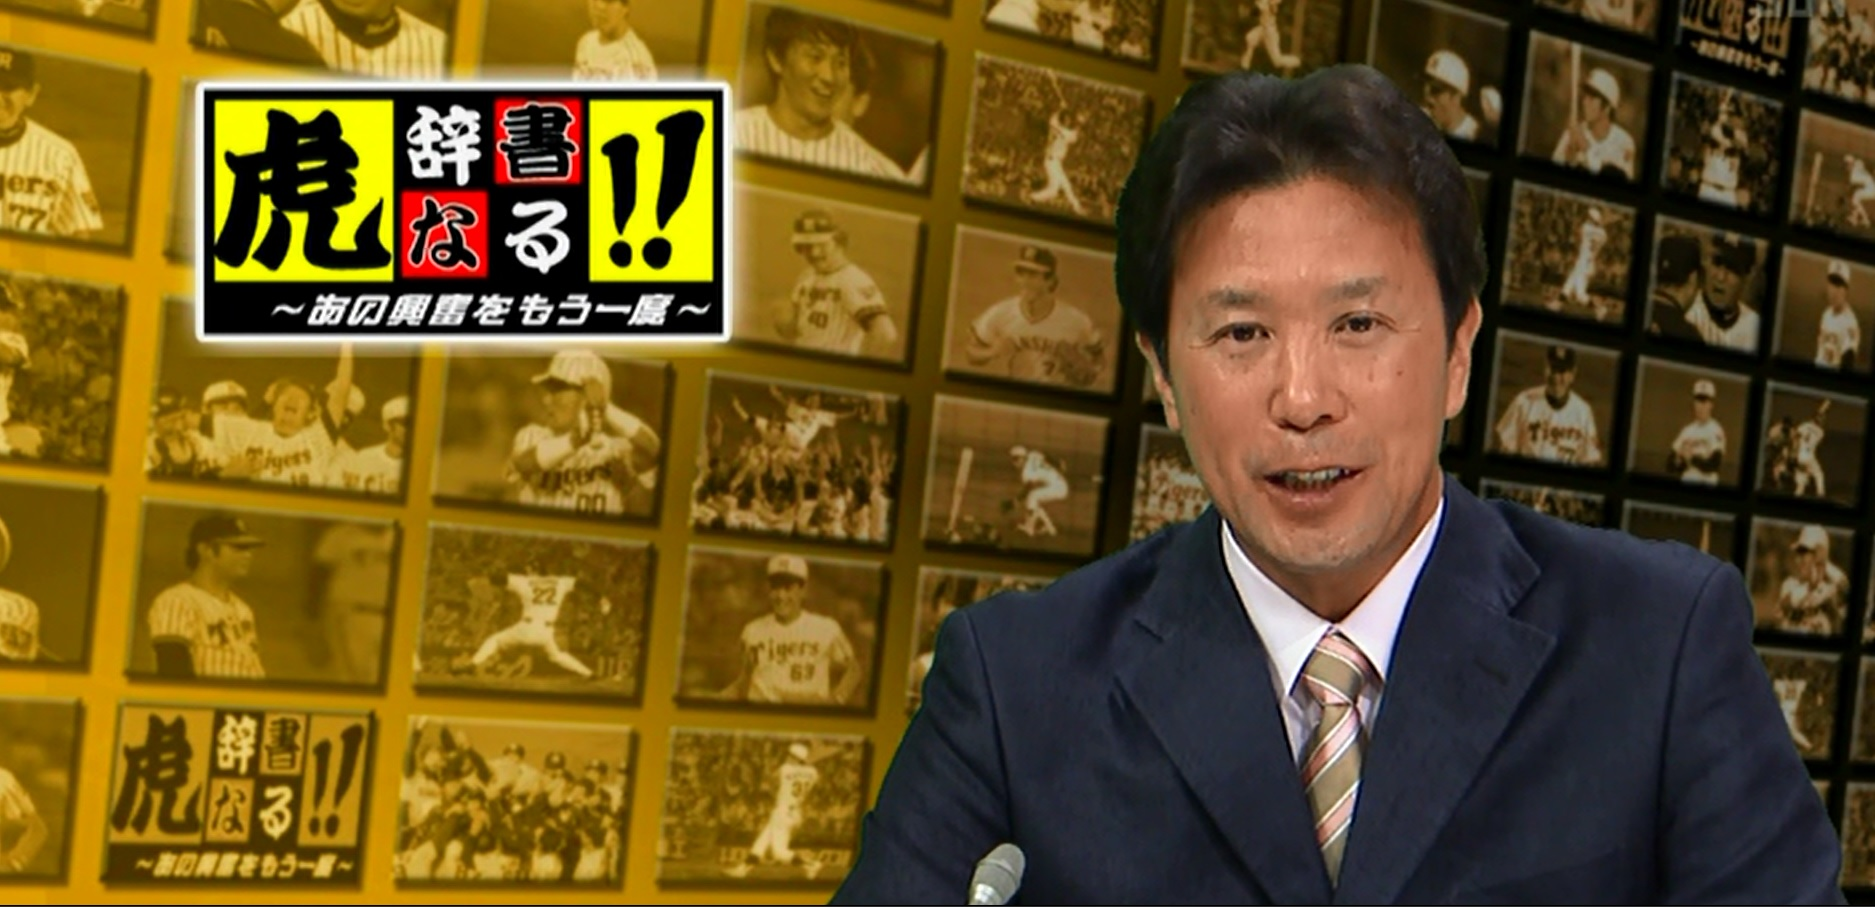 阪神 テレビ 中継 今日